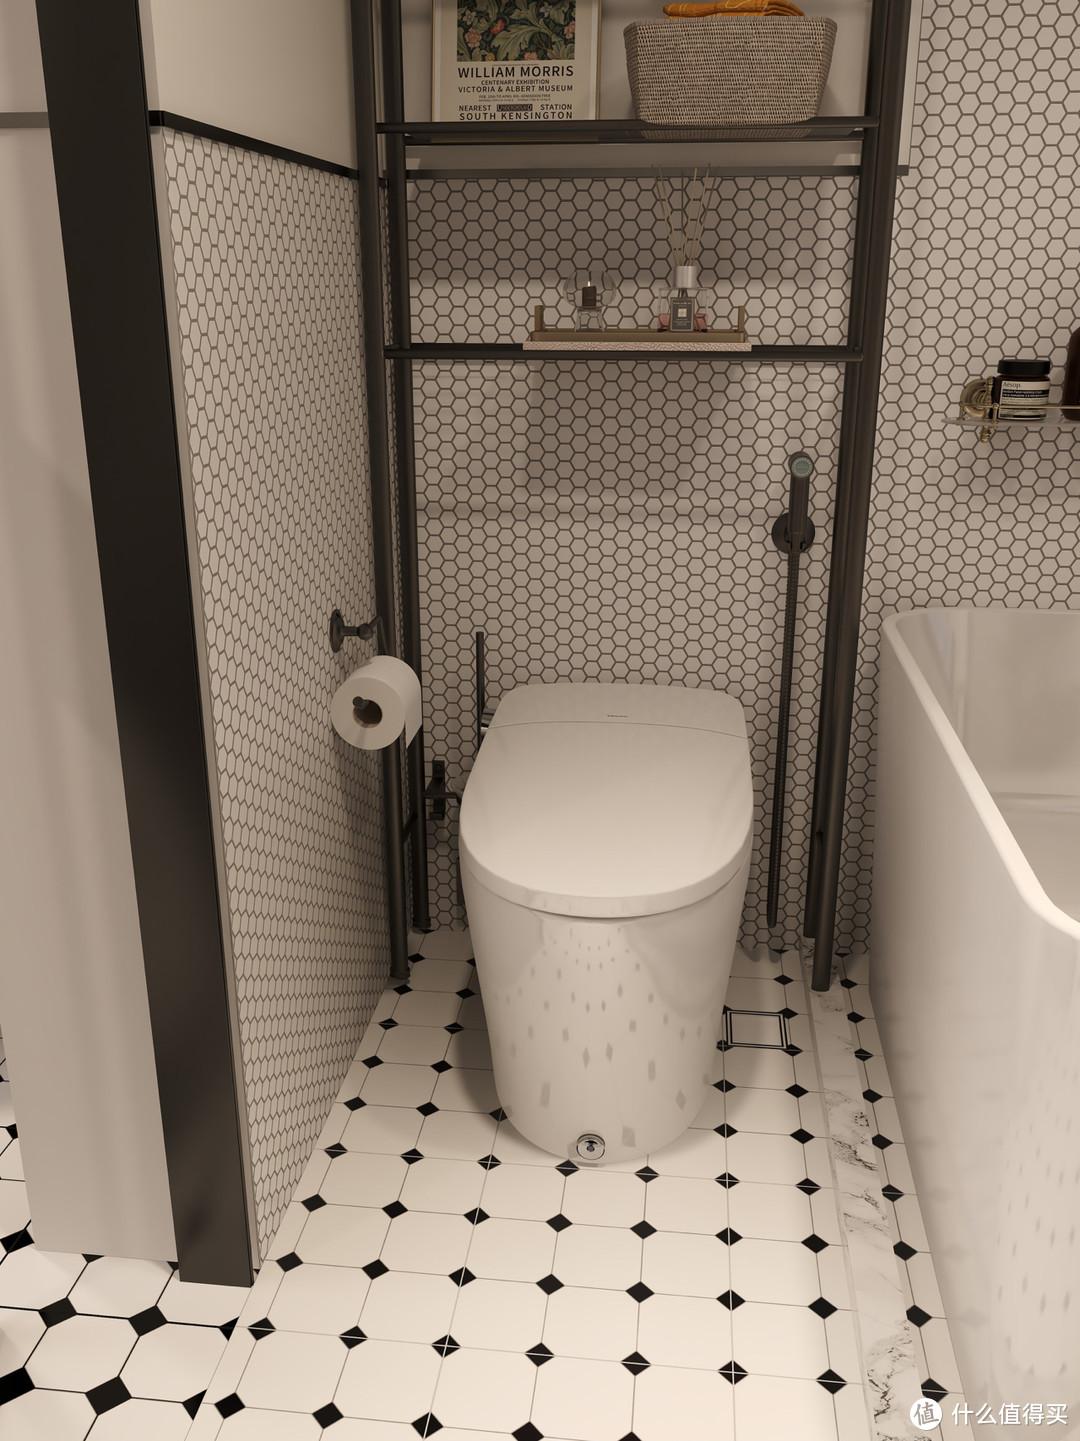 浴室装修设计,法式复古风,大幅提升你家格调的设计!